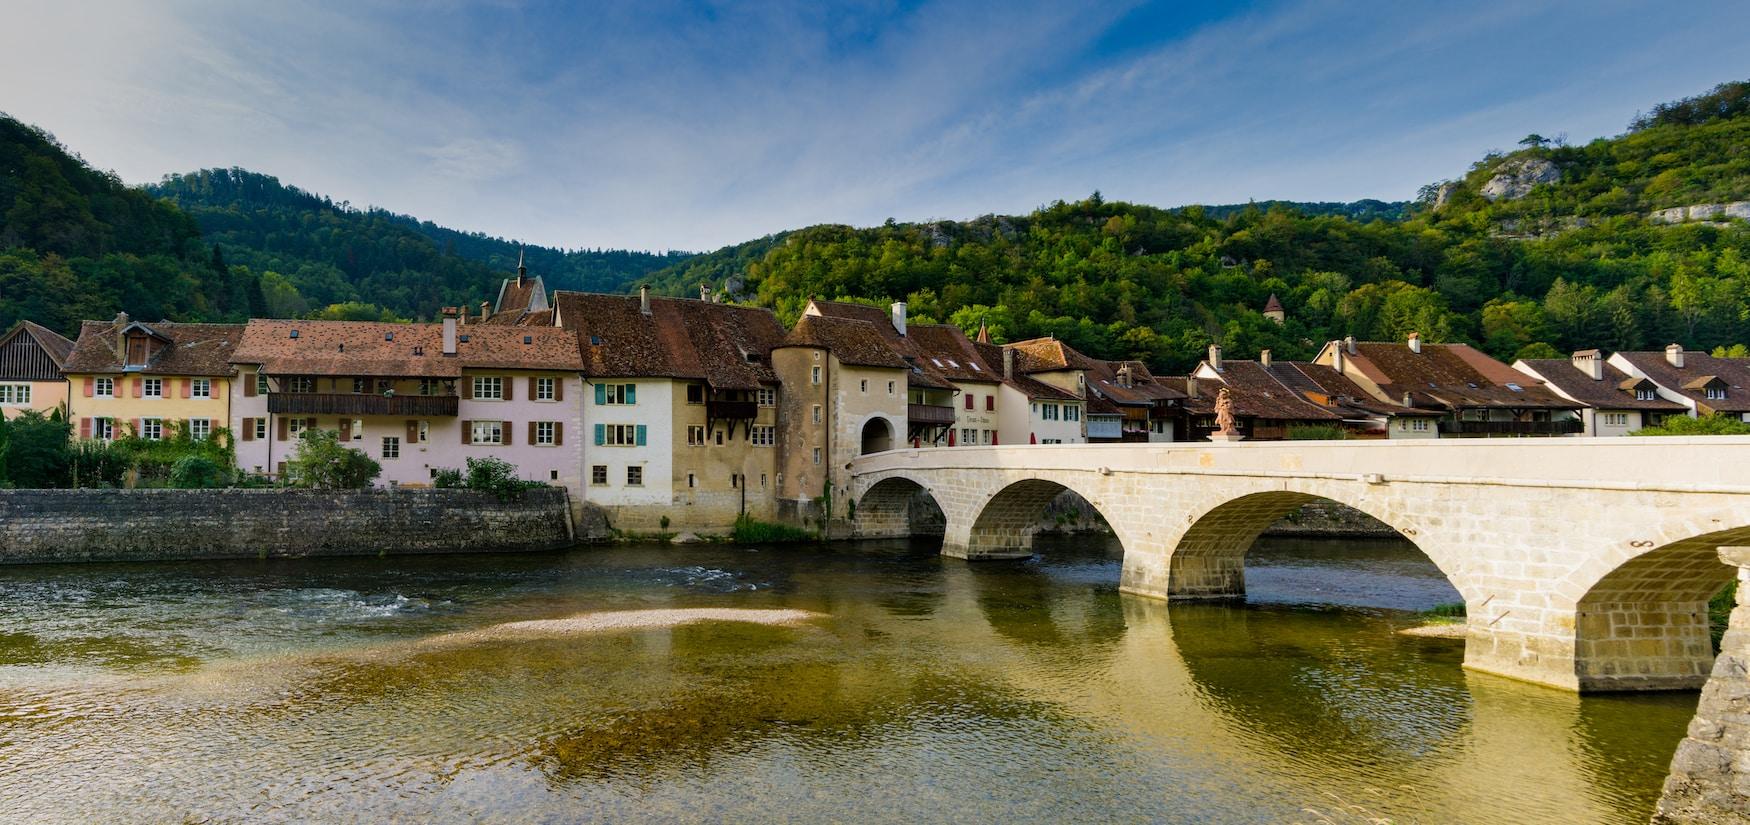 Panorama des historischen und malerischen Schweizer Dorfes Saint-Ursanne am Doubs